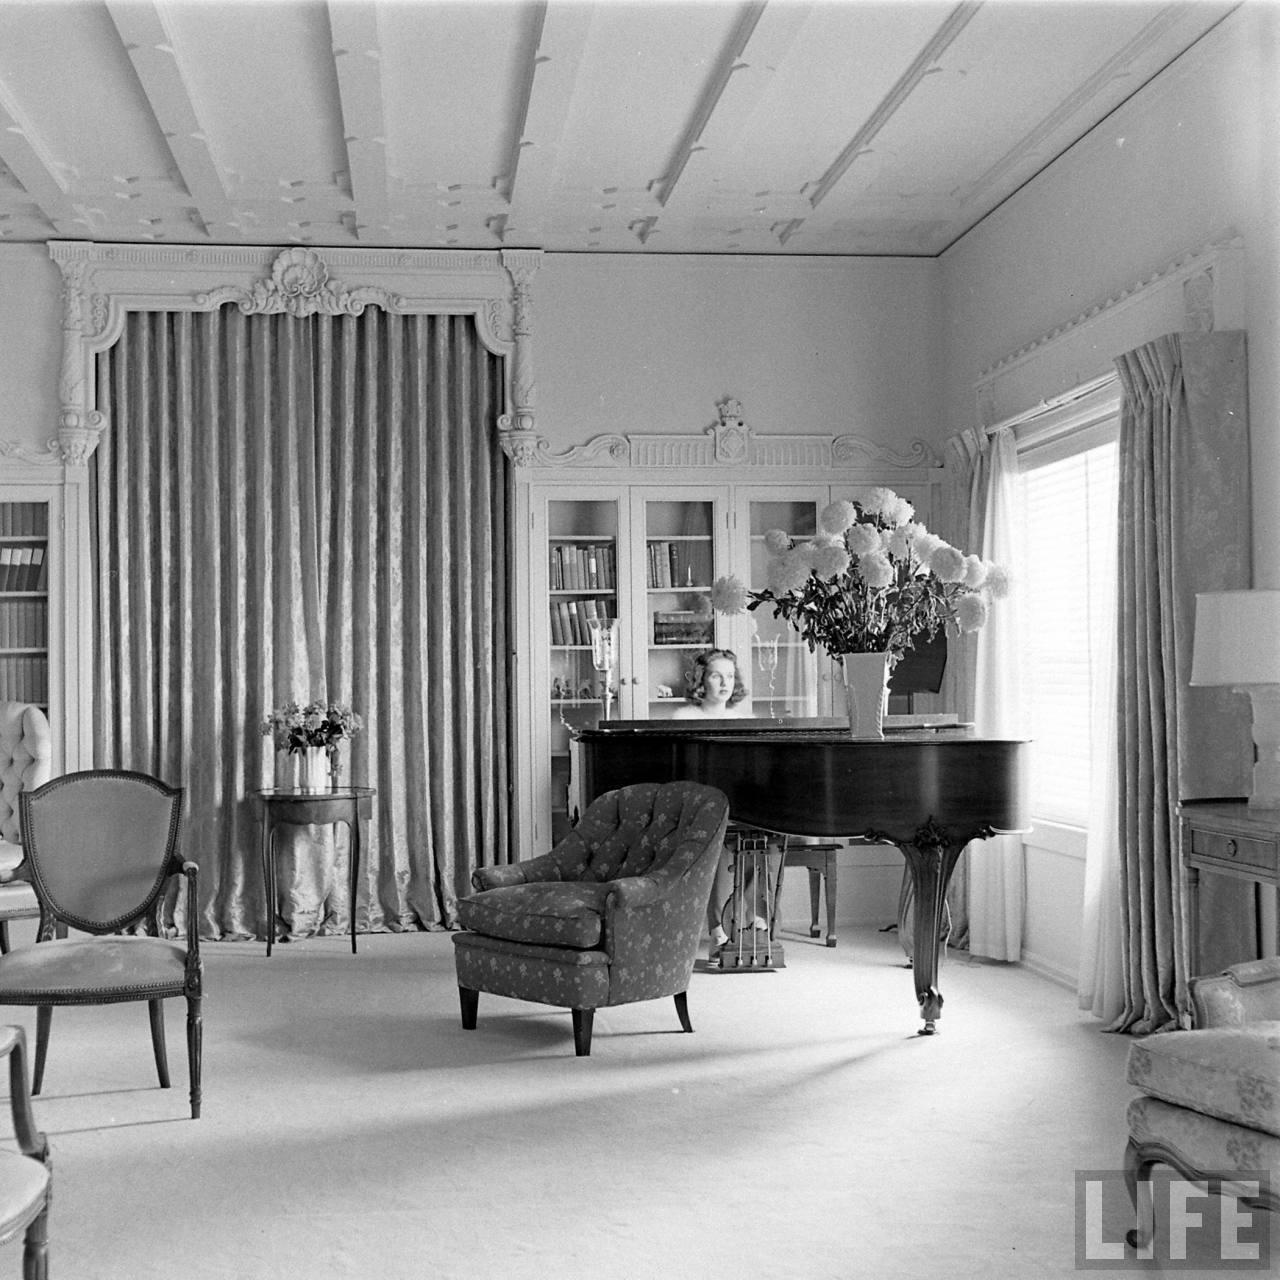 http://3.bp.blogspot.com/-65FvV7Z7xQc/TqbiGtpM-MI/AAAAAAAAEjs/HKJeAlwKx5Y/s1600/DeannaDurbin-Piano.jpg